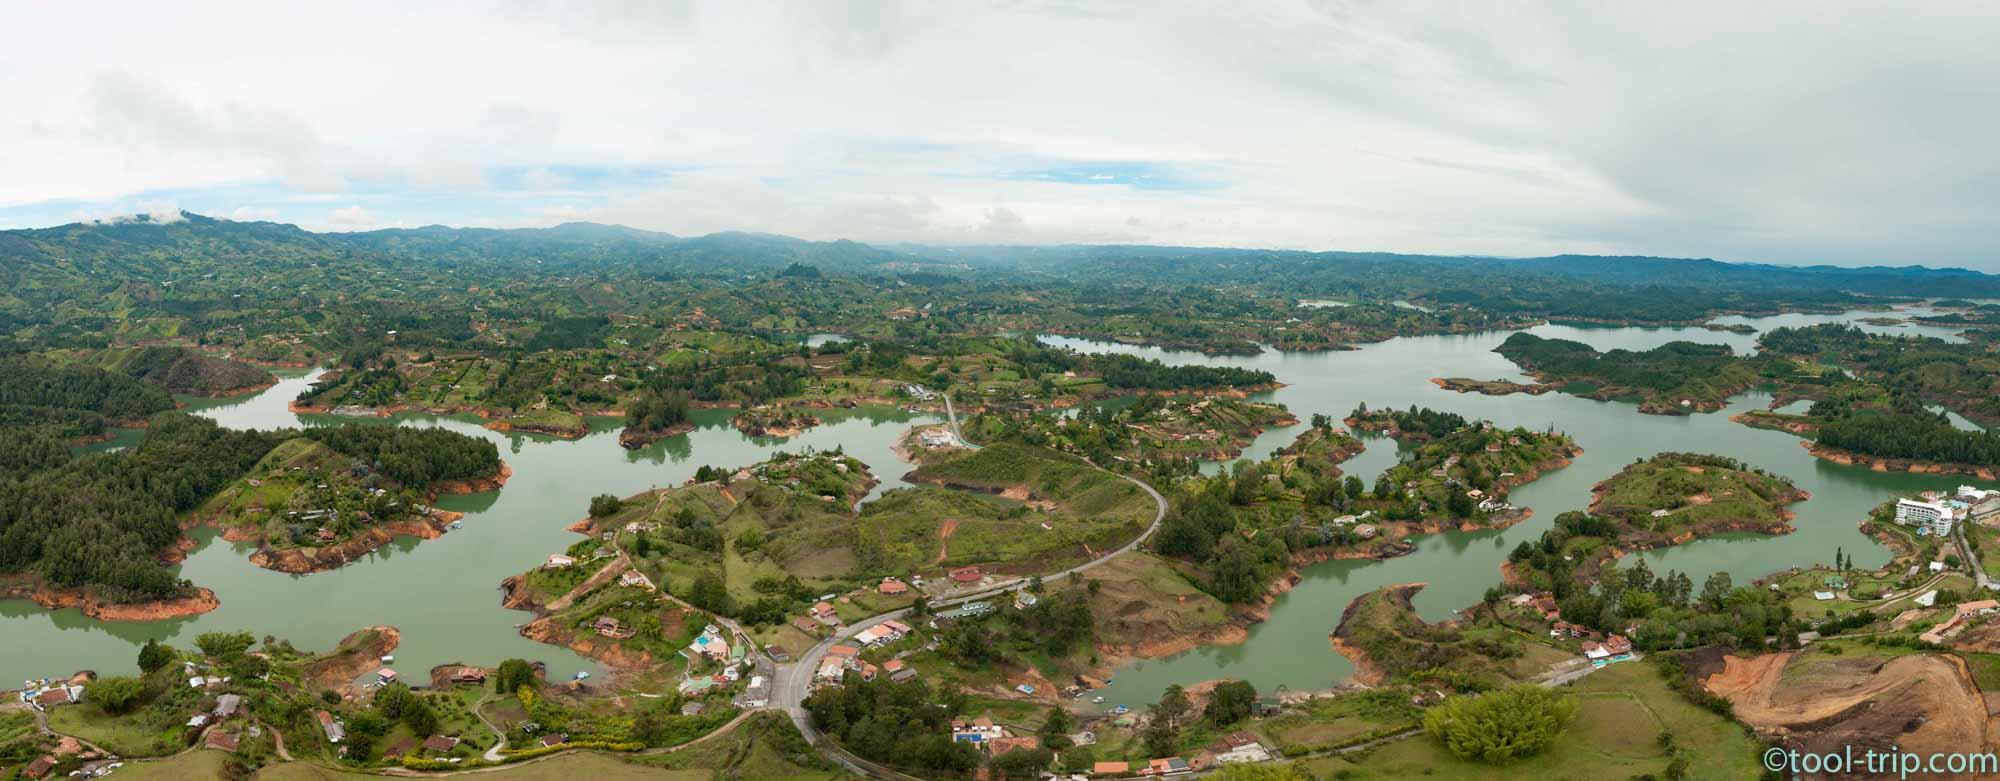 panorama-guatape